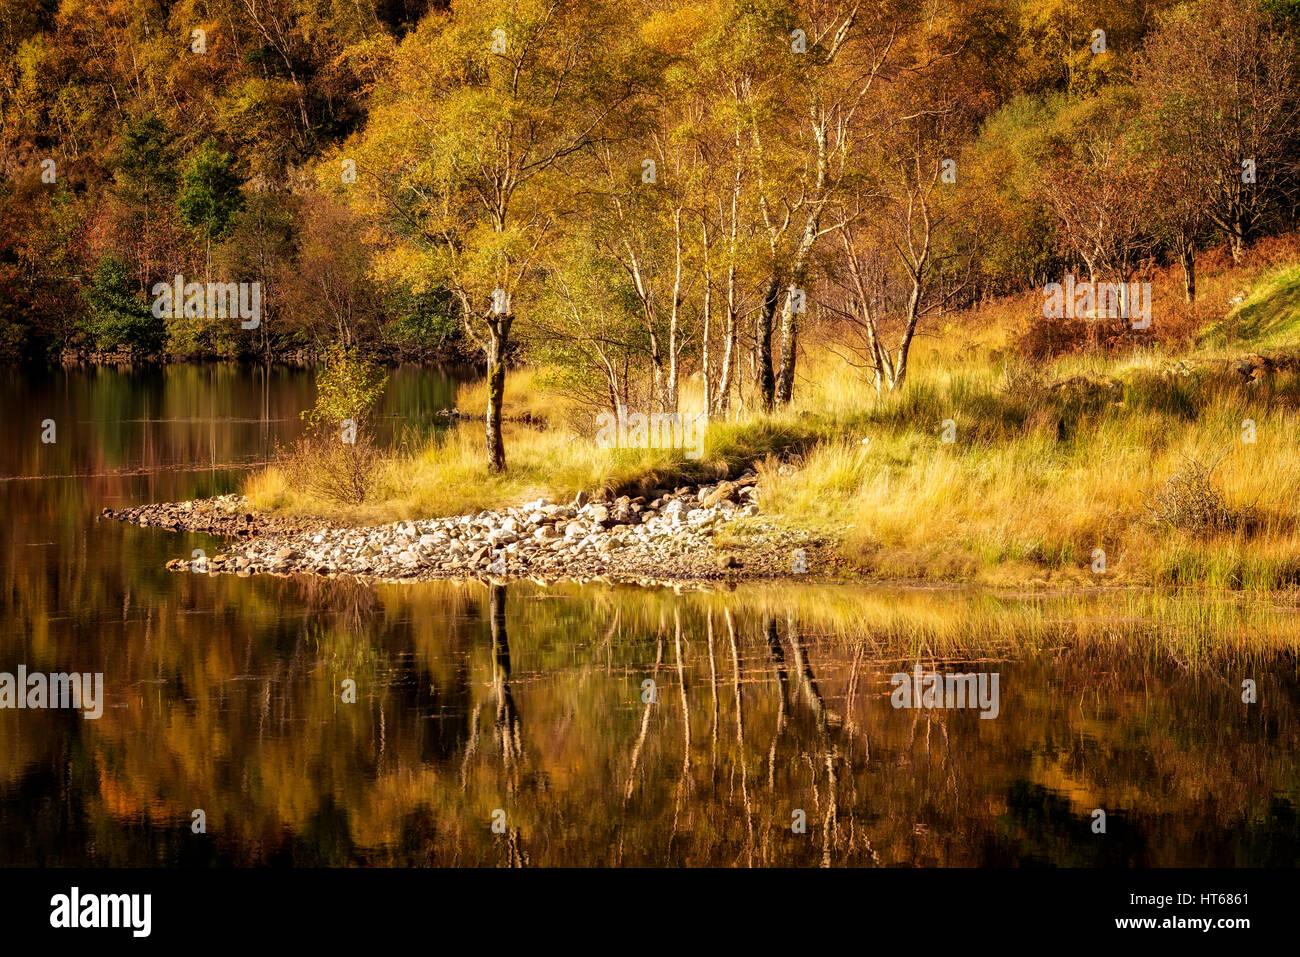 Autumn in the Scottish Highlands, Scotland, United Kingdom - Stock Image